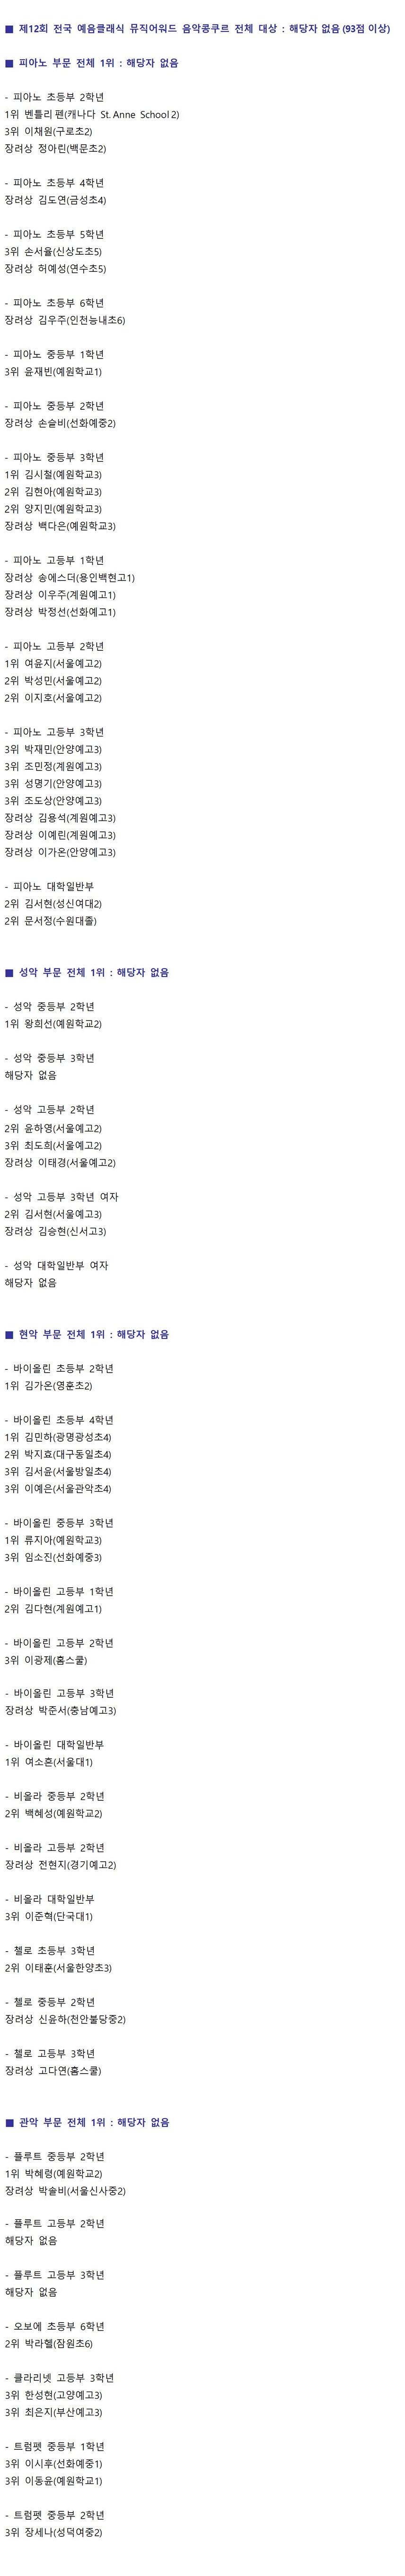 12회 예음클래식 뮤직어워드 수상.jpg